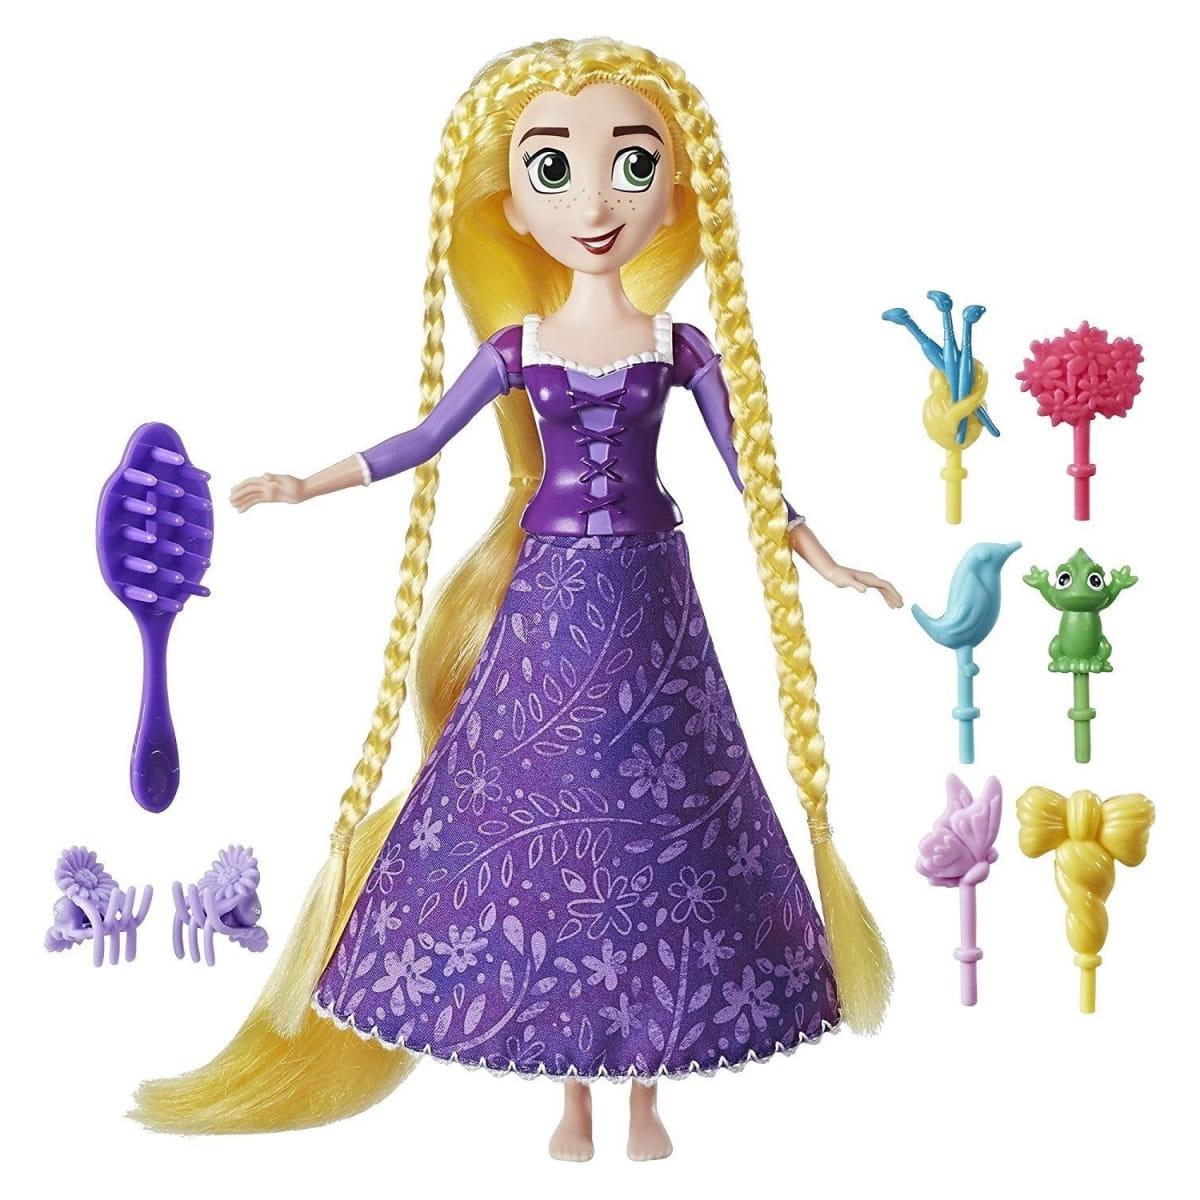 Кукла Disney Princess Рапунцель с модной прической (HASBRO) - Принцессы Дисней